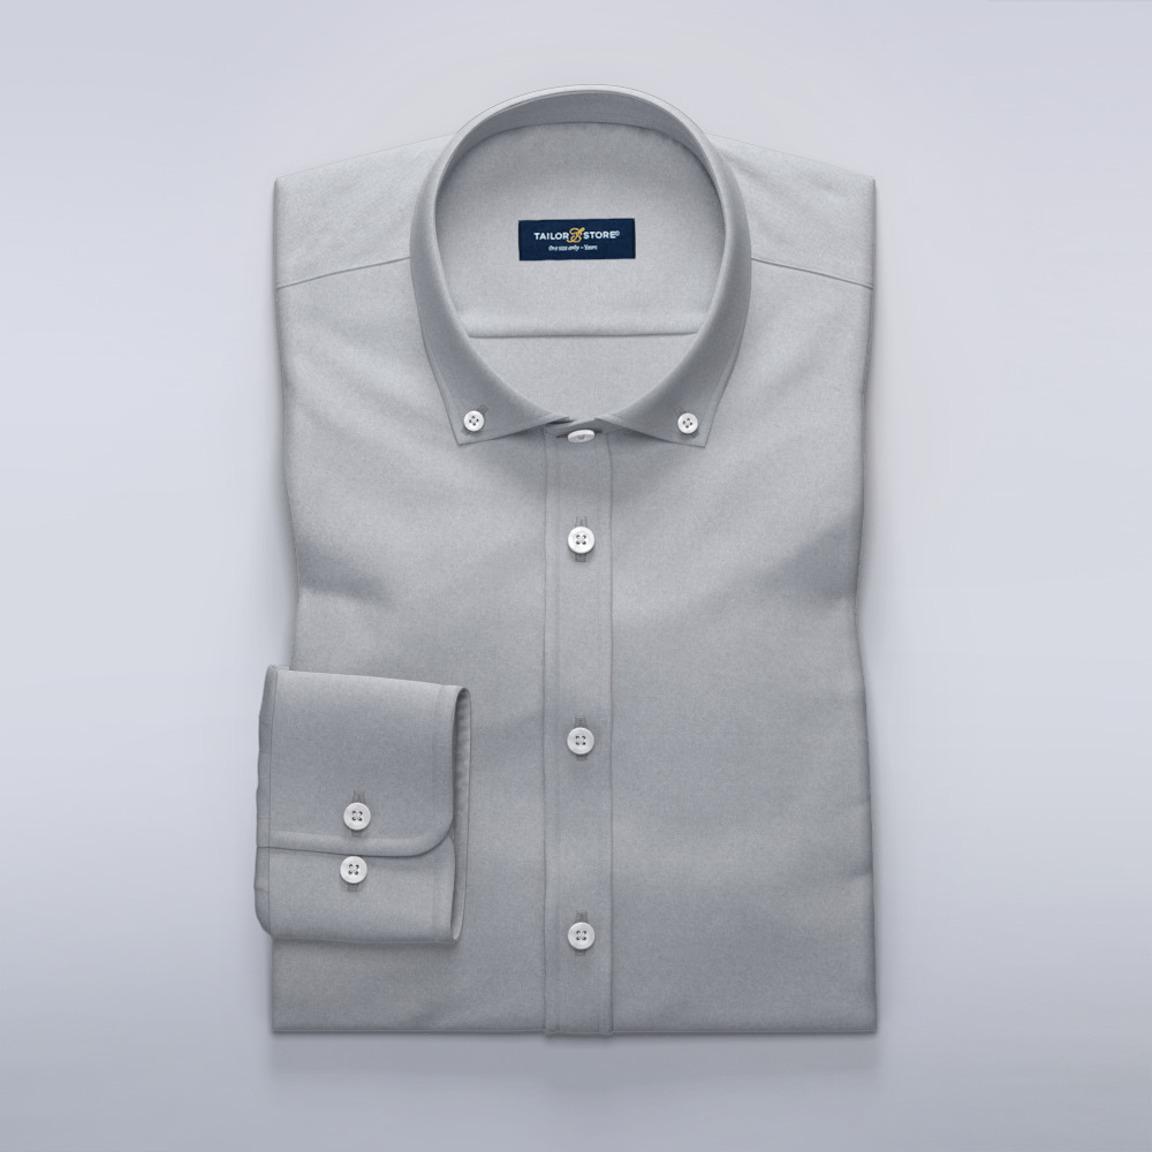 Grå damskjorta i mjukborstad Oxford